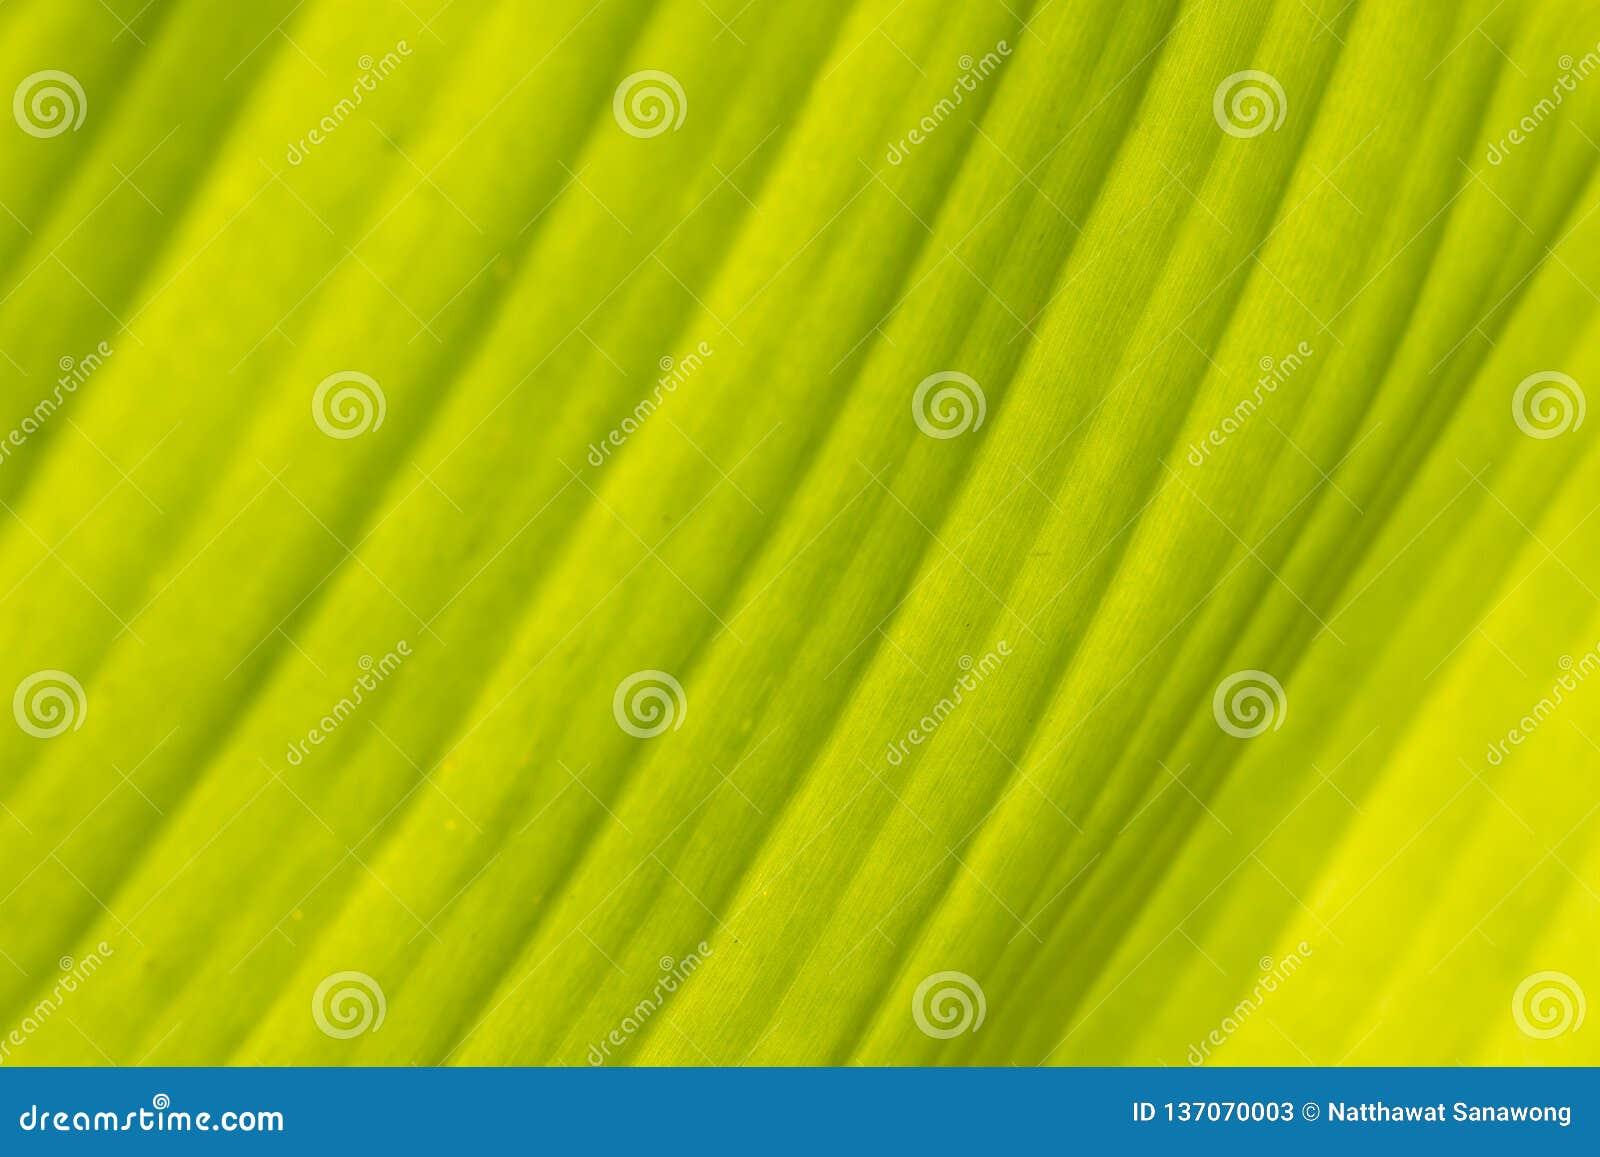 Grüne Banane verlässt für Hintergrund